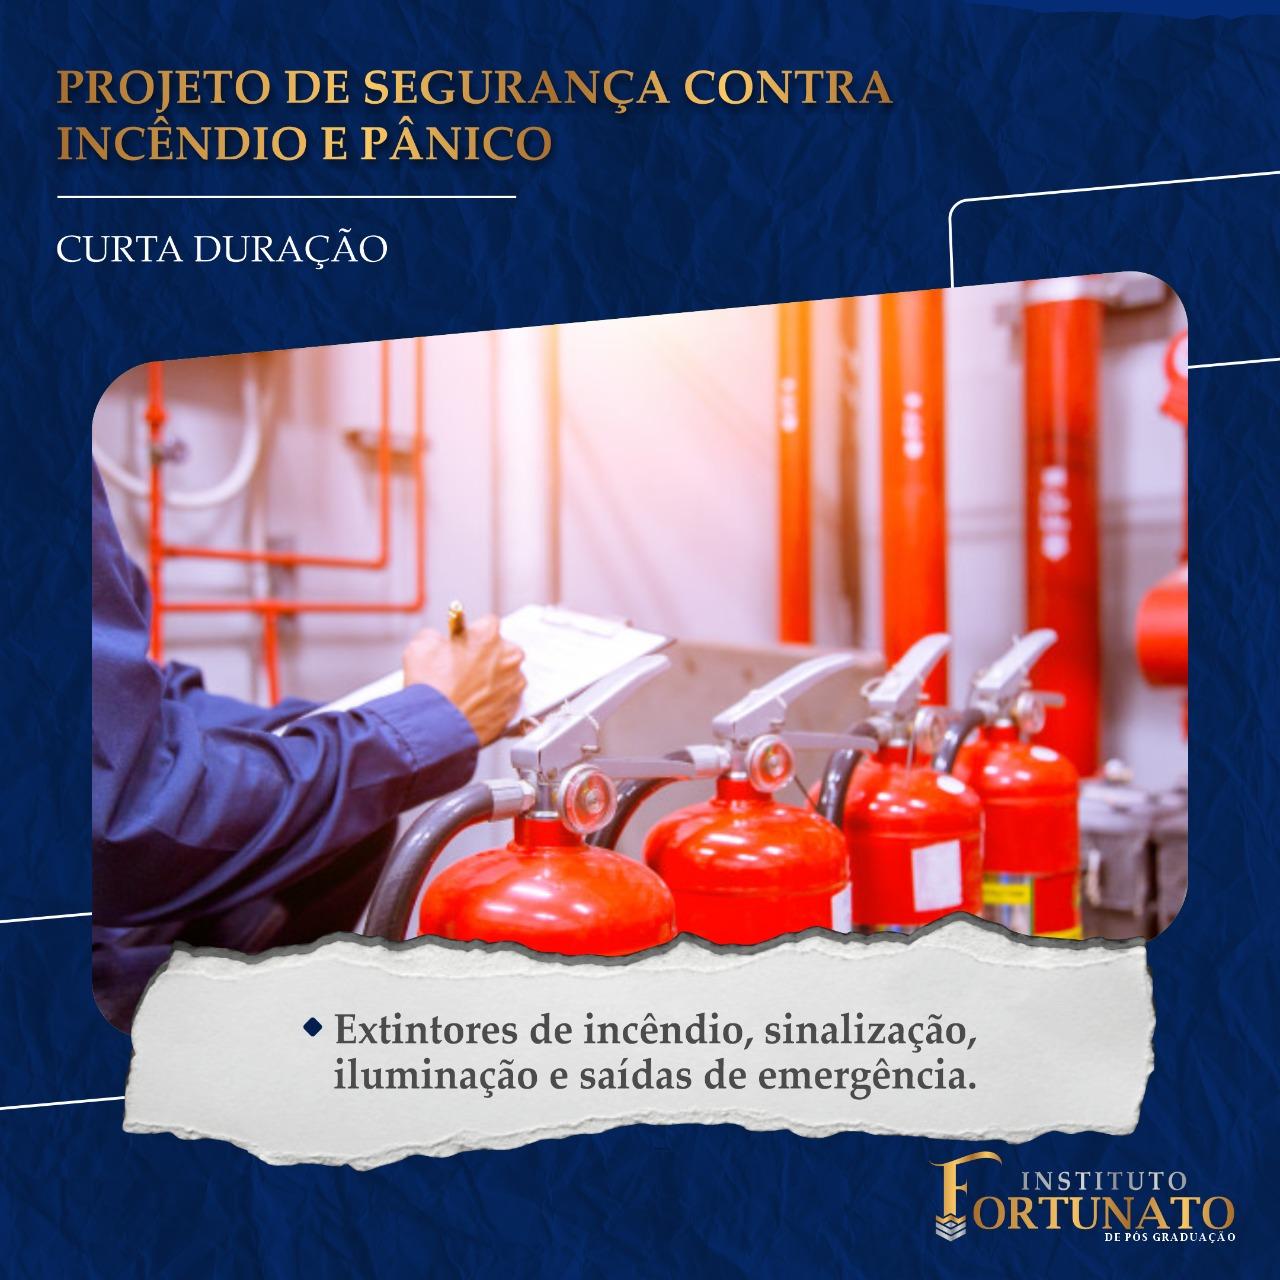 Projeto de Segurança Contra Incendio e Pânico